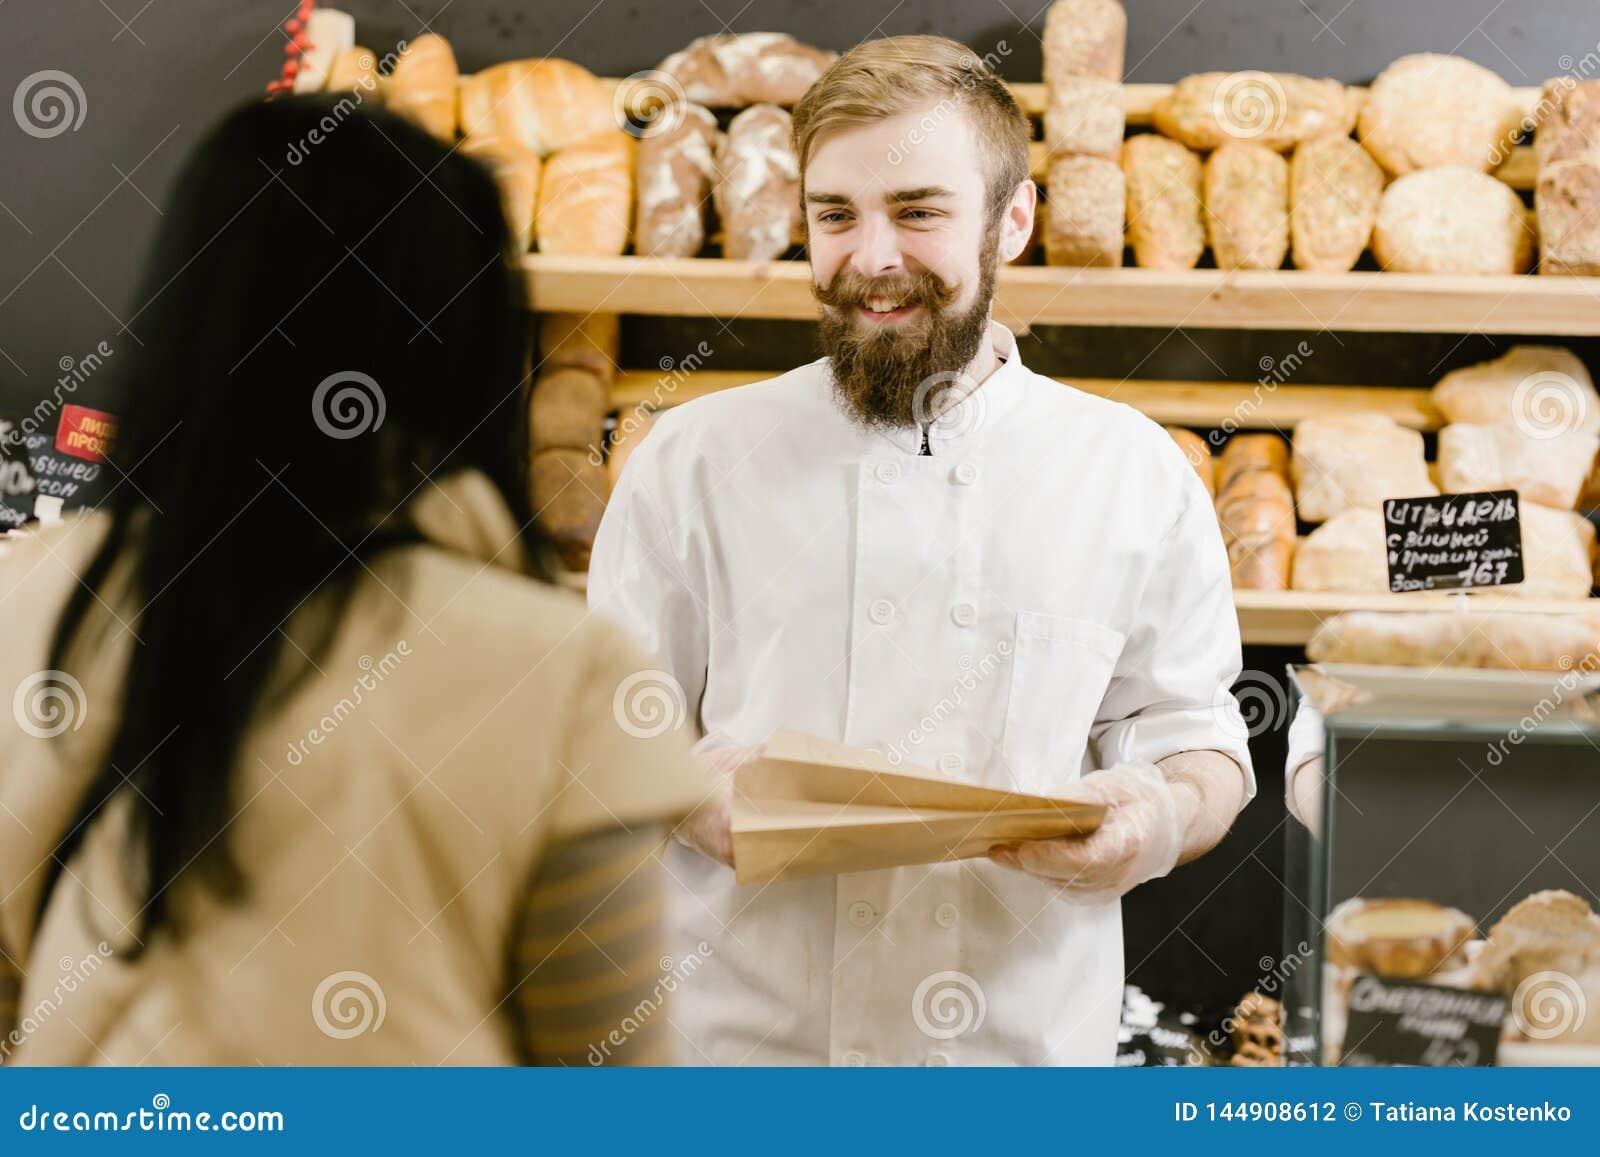 Харизматический хлебопек с бородой и усиком дает бумажный мешок хлеба клиенту в пекарне